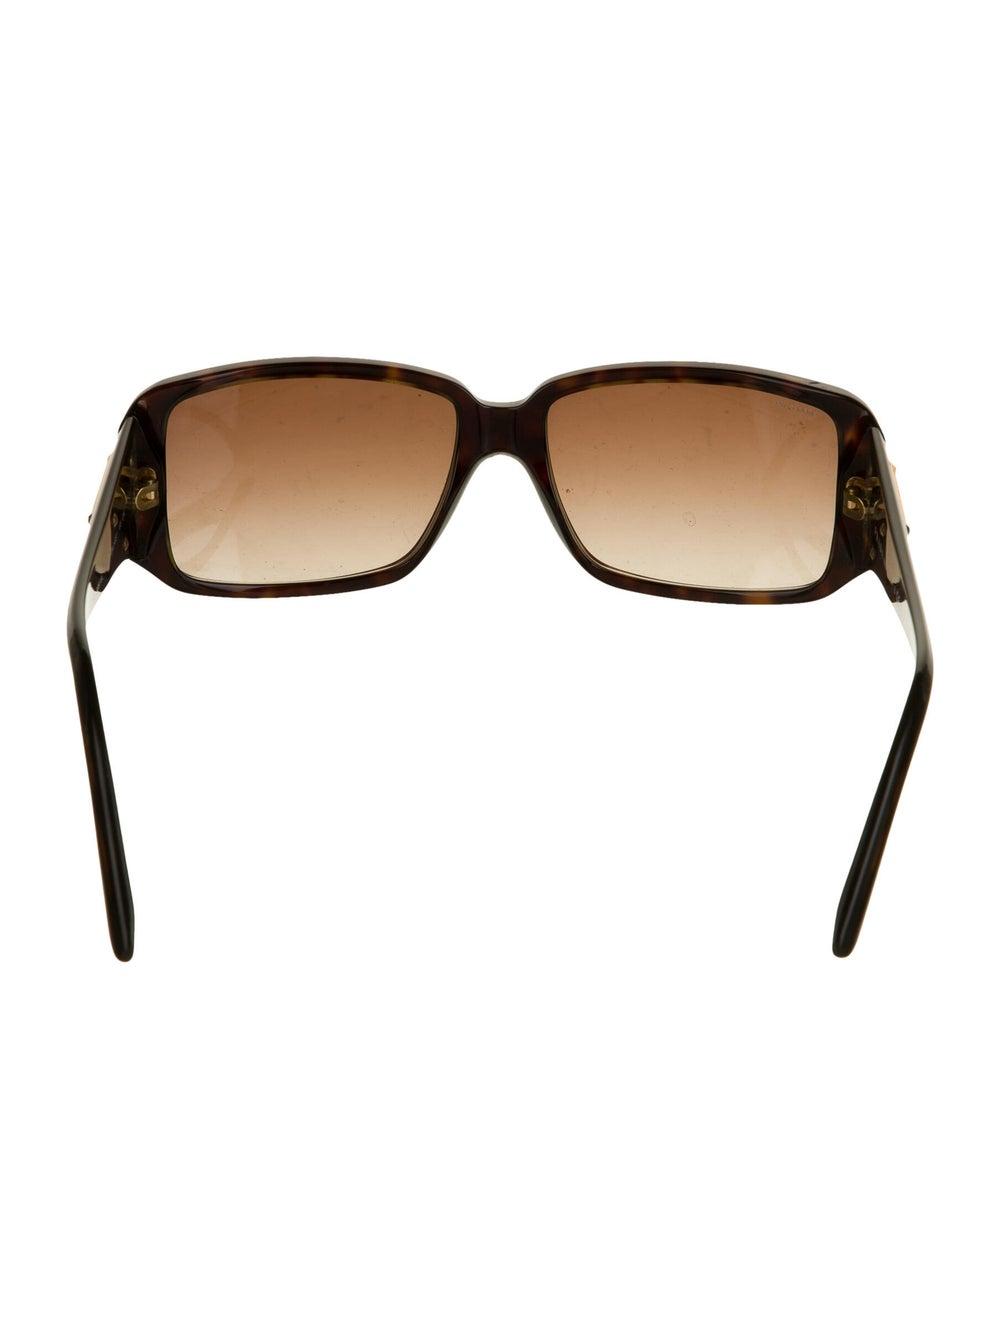 Prada Square Gradient Sunglasses Brown - image 3